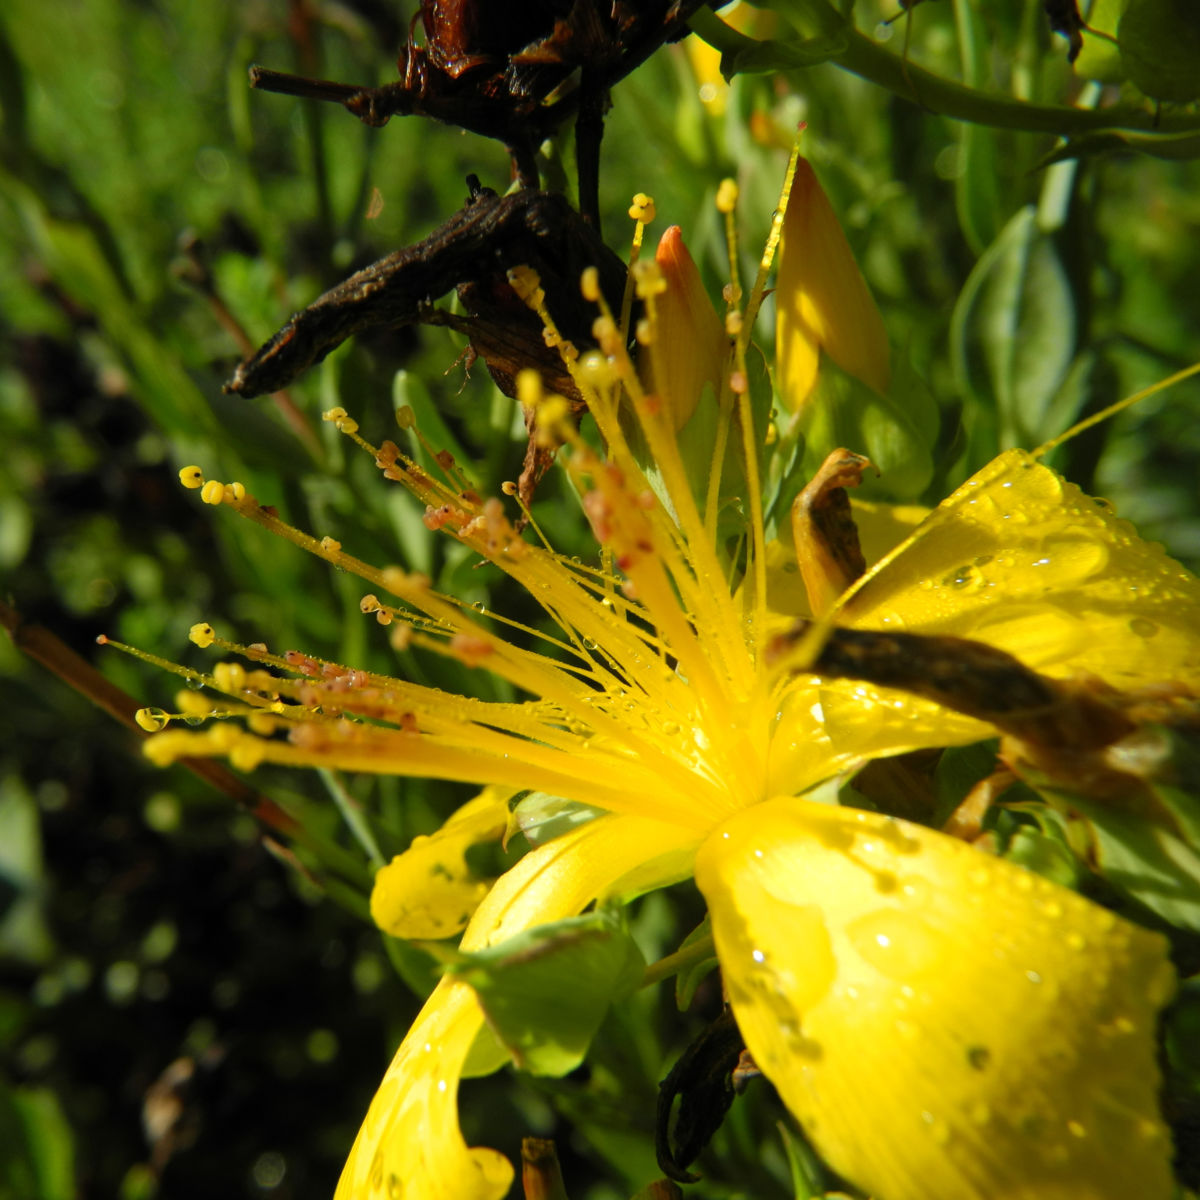 Vielblaettriges Johanniskraut Bluete gelb Hypericum polyphyllum